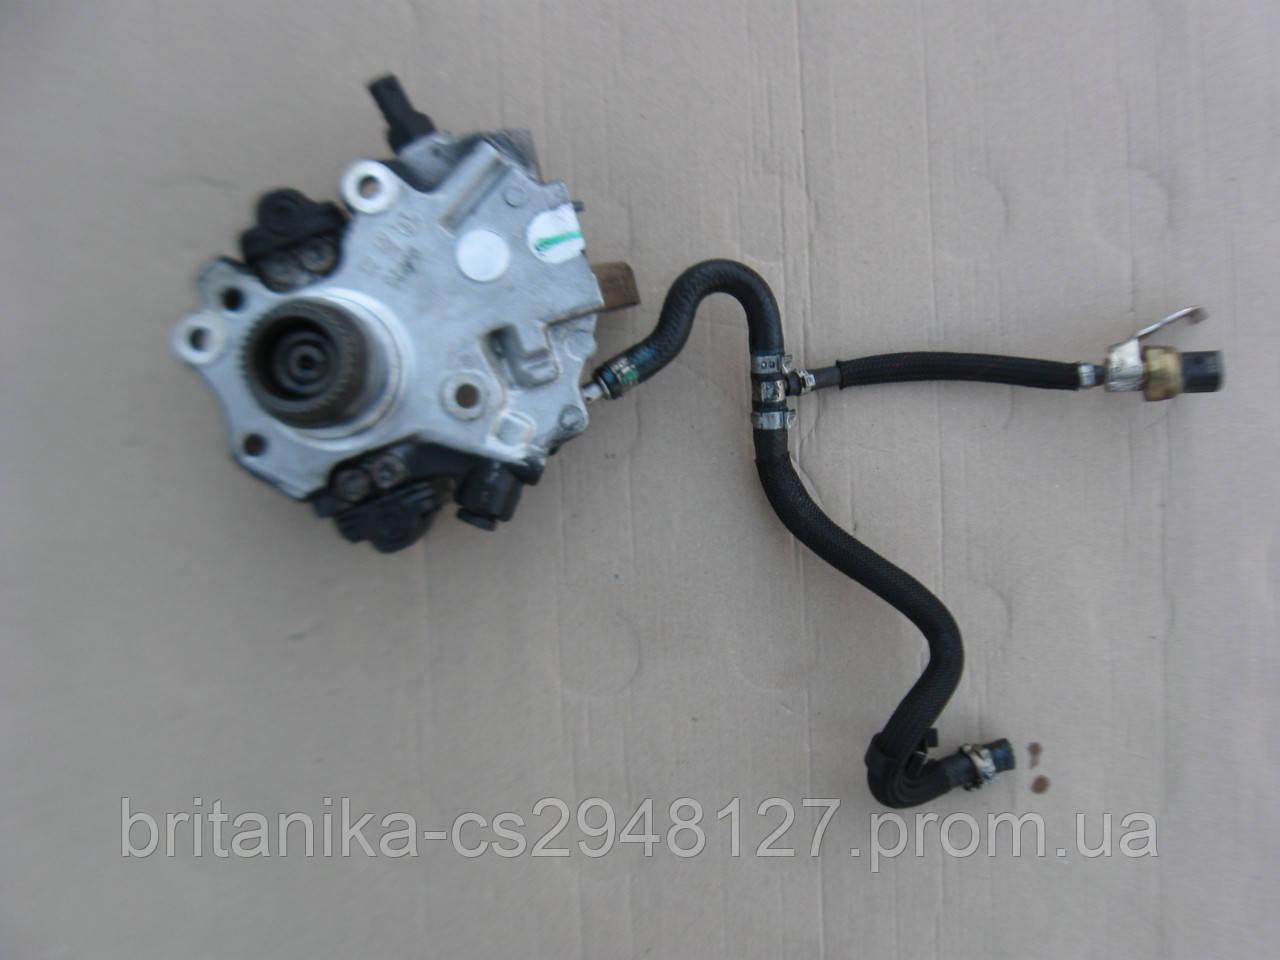 Топливный насос (ТНВД) Мерседес Вито 639 (651 двигатель 2.2cdi)